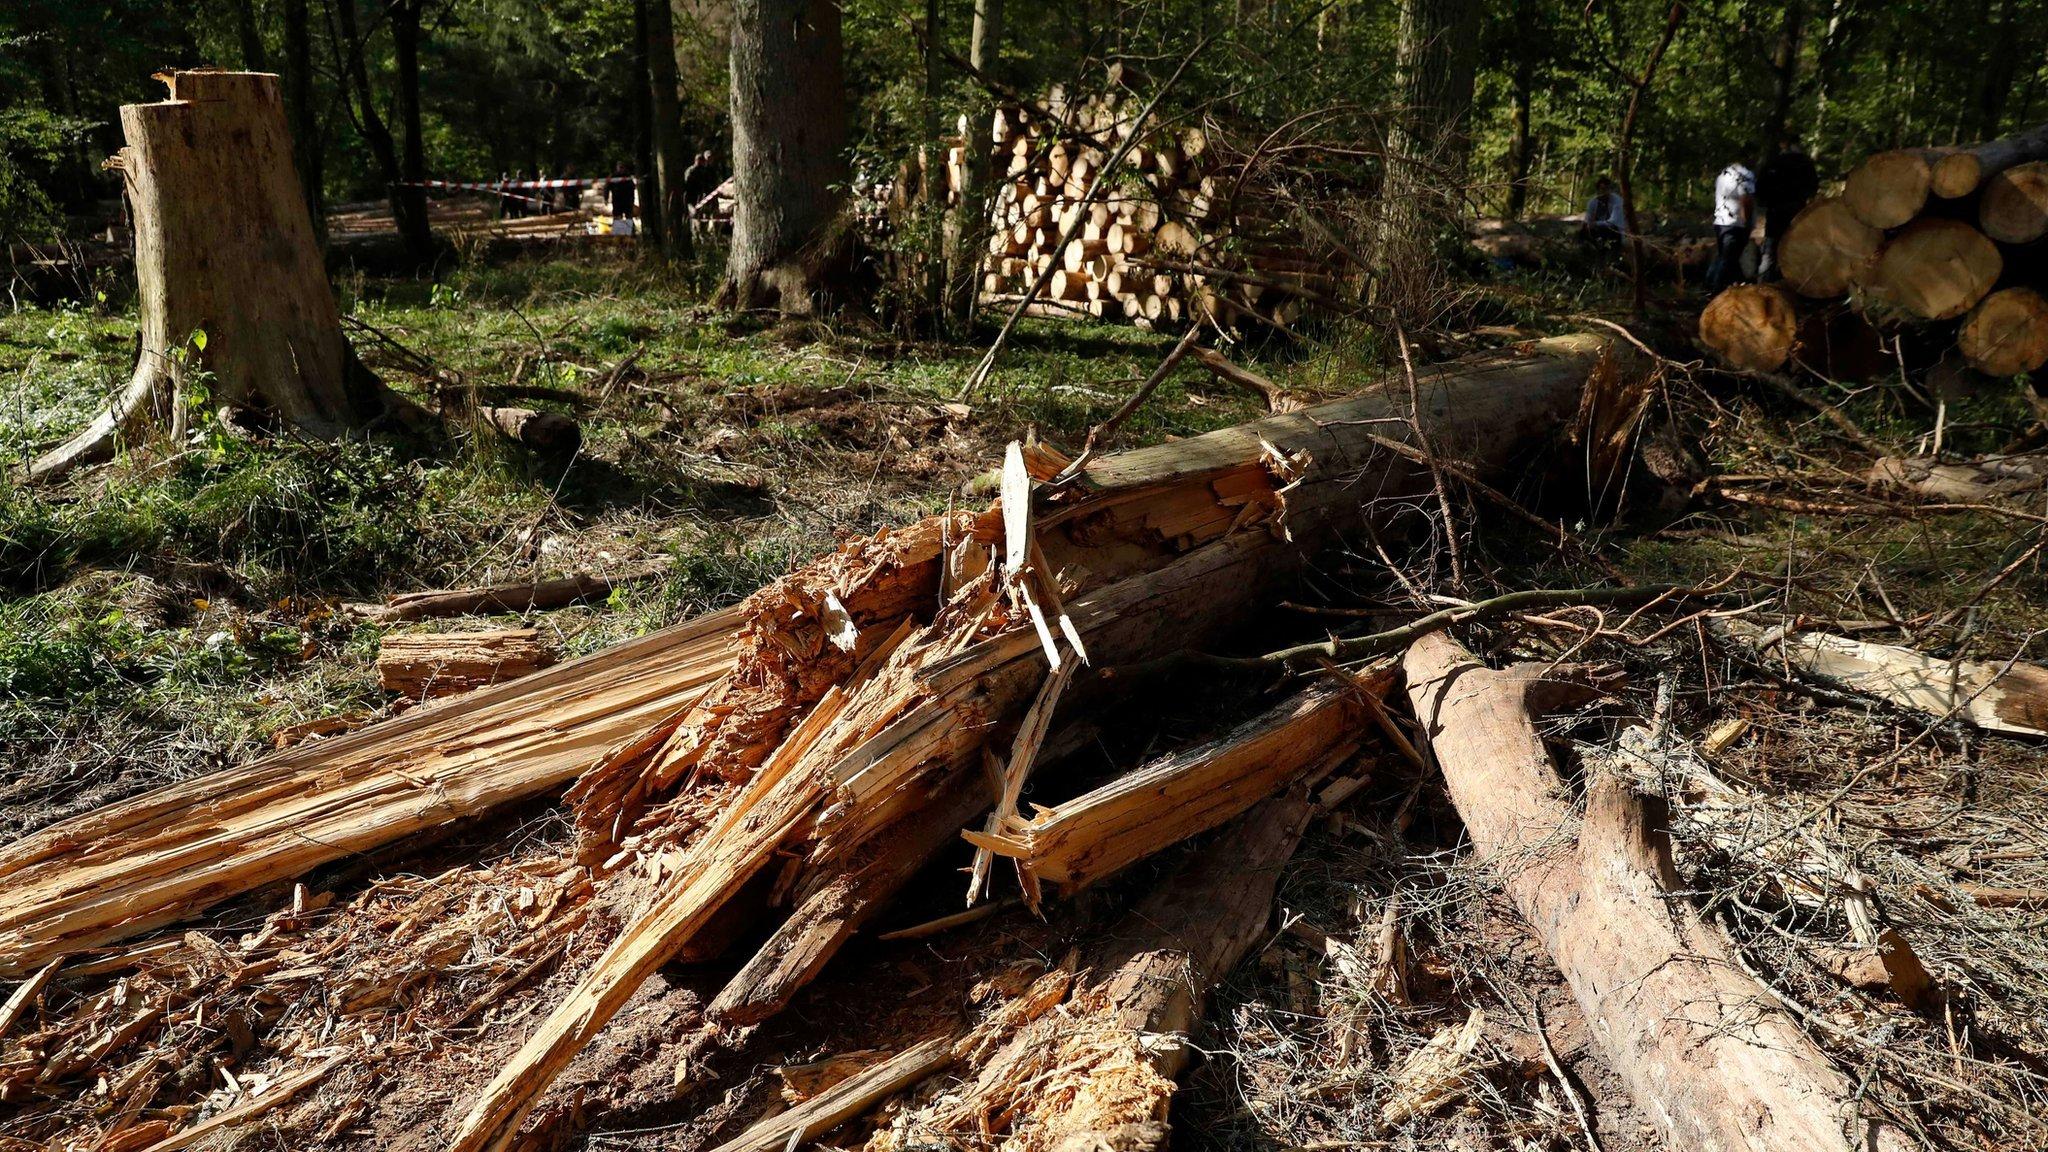 Bialowieza forest: Poland broke EU law by logging